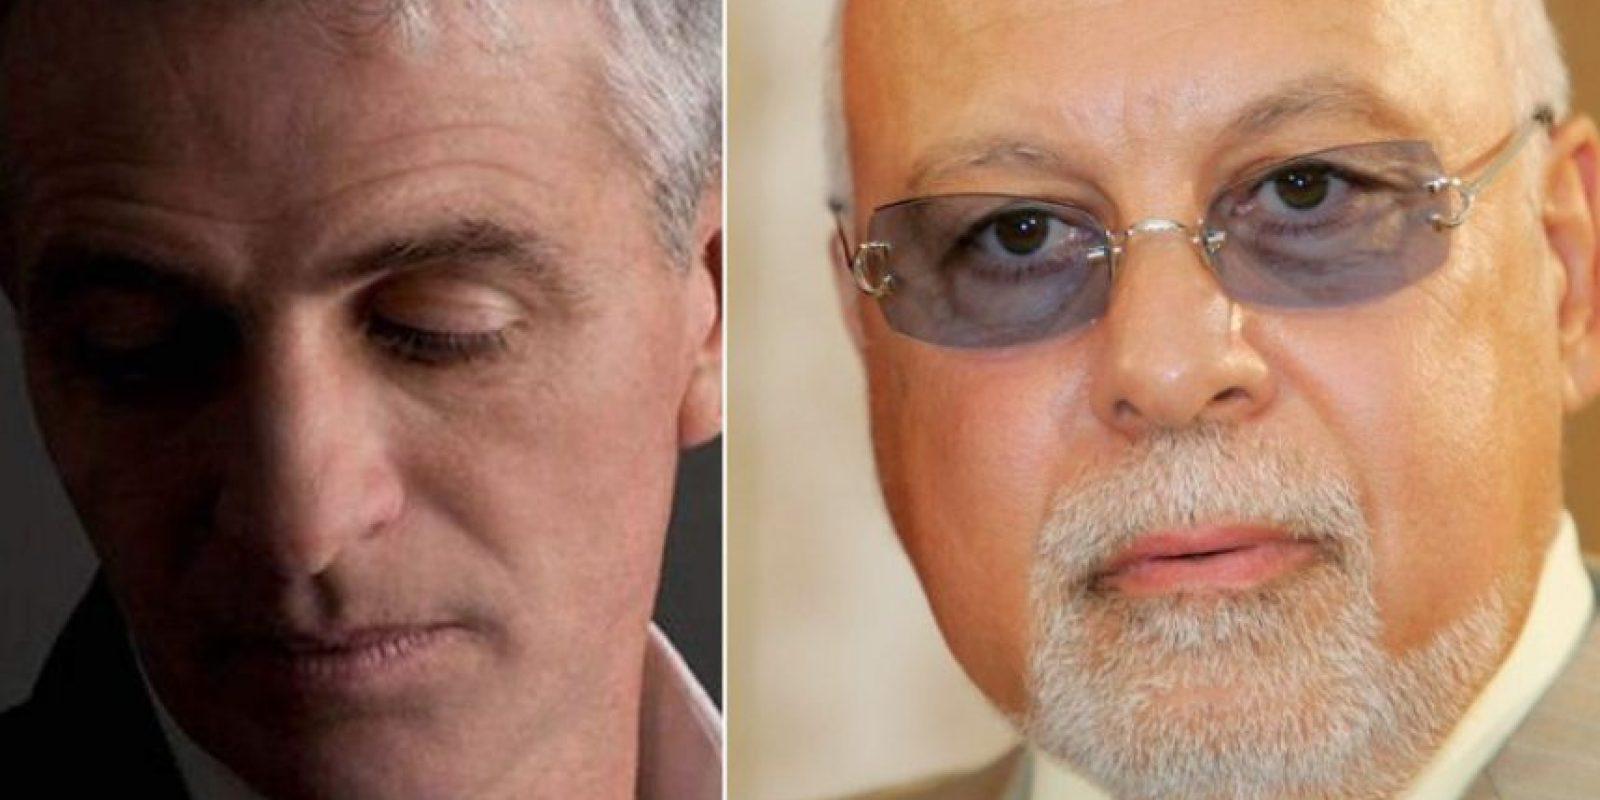 Daniel Dion y René Angélil Foto:Vía Twitter. Imagen Por: